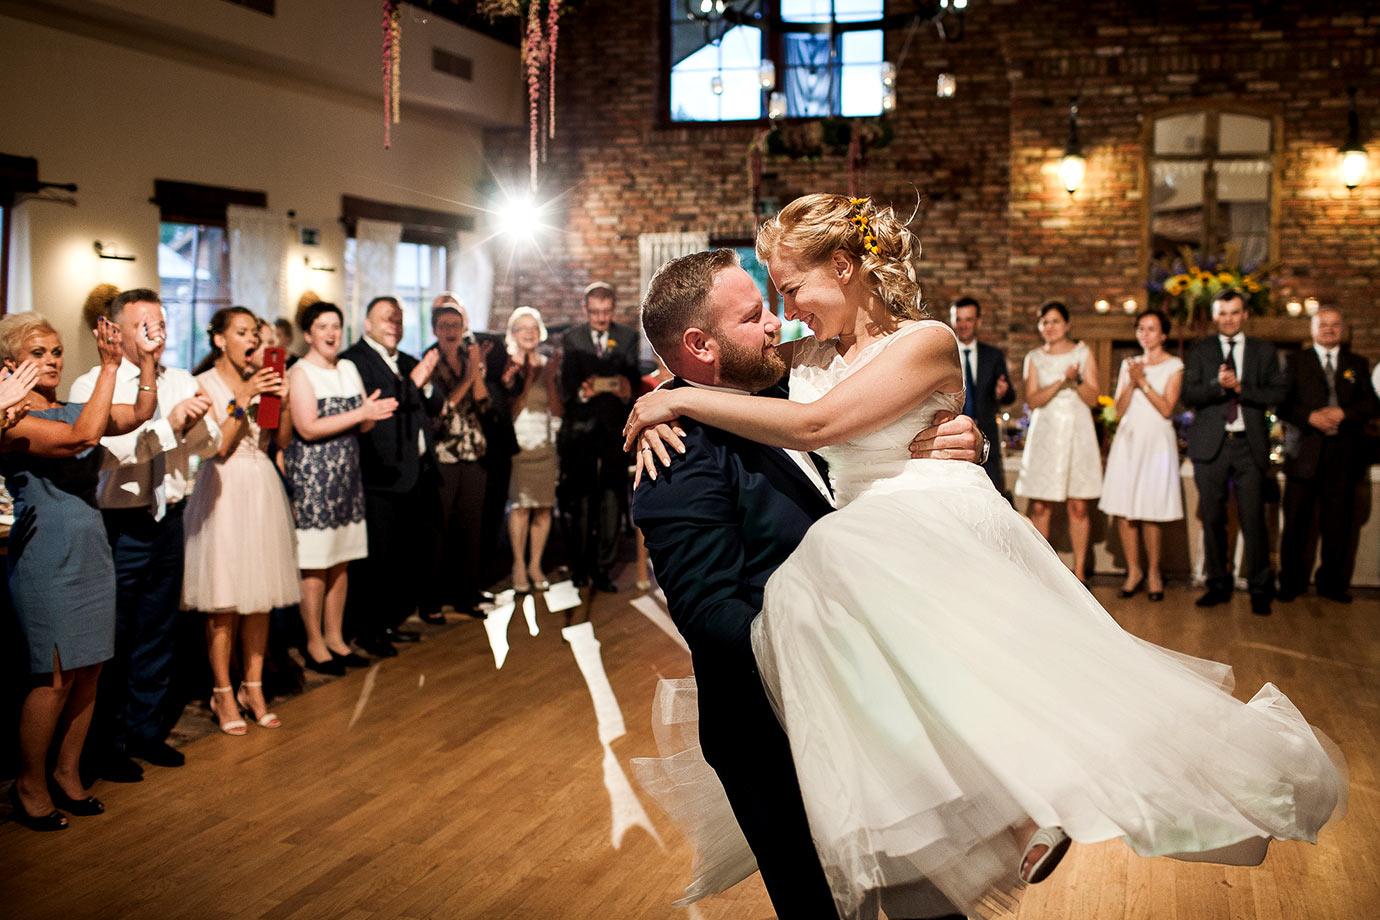 przyjęcie weselne w gościńcu nad iną